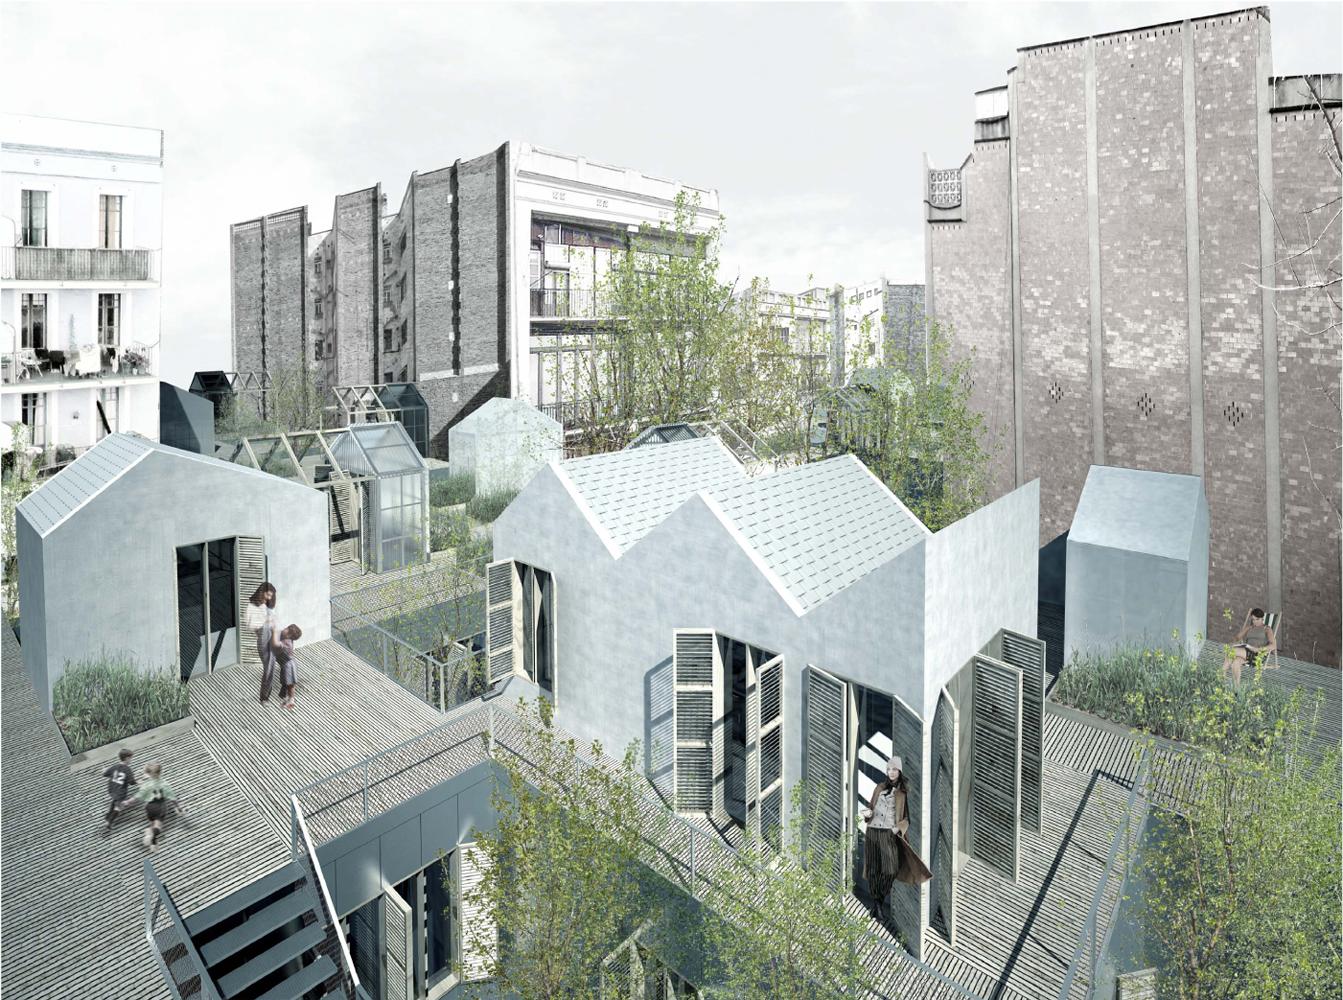 Proyecto del mes gen s plassa amalgama equipamientos for Proyectos arquitectura